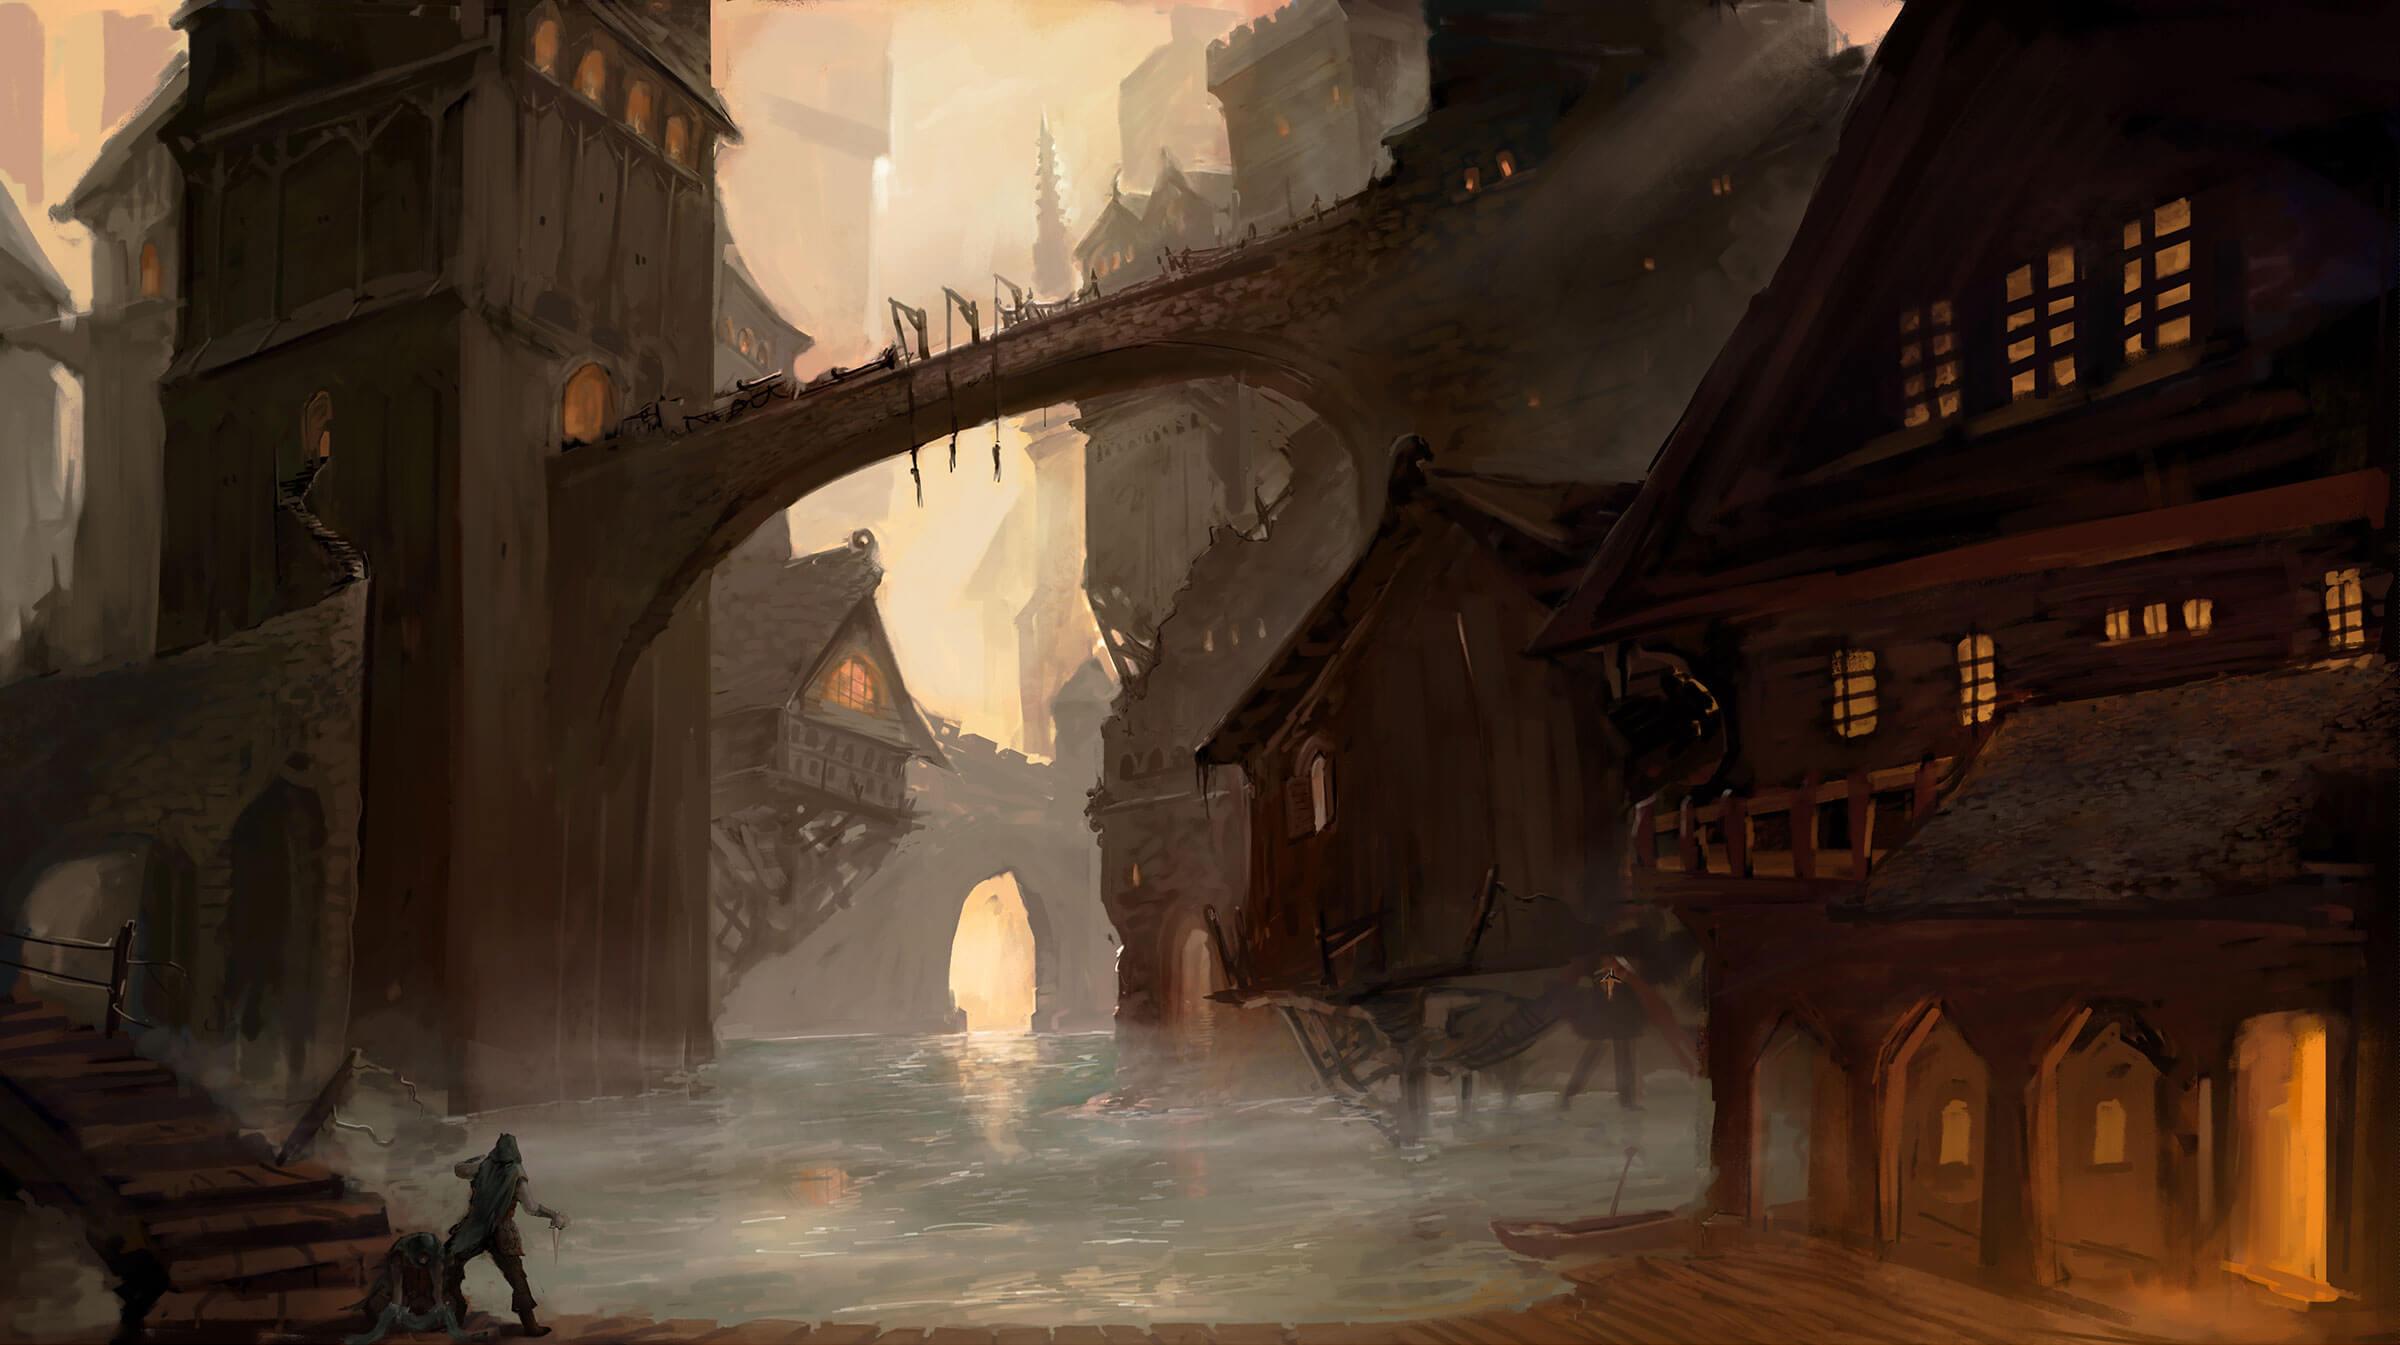 A coastal, medieval village